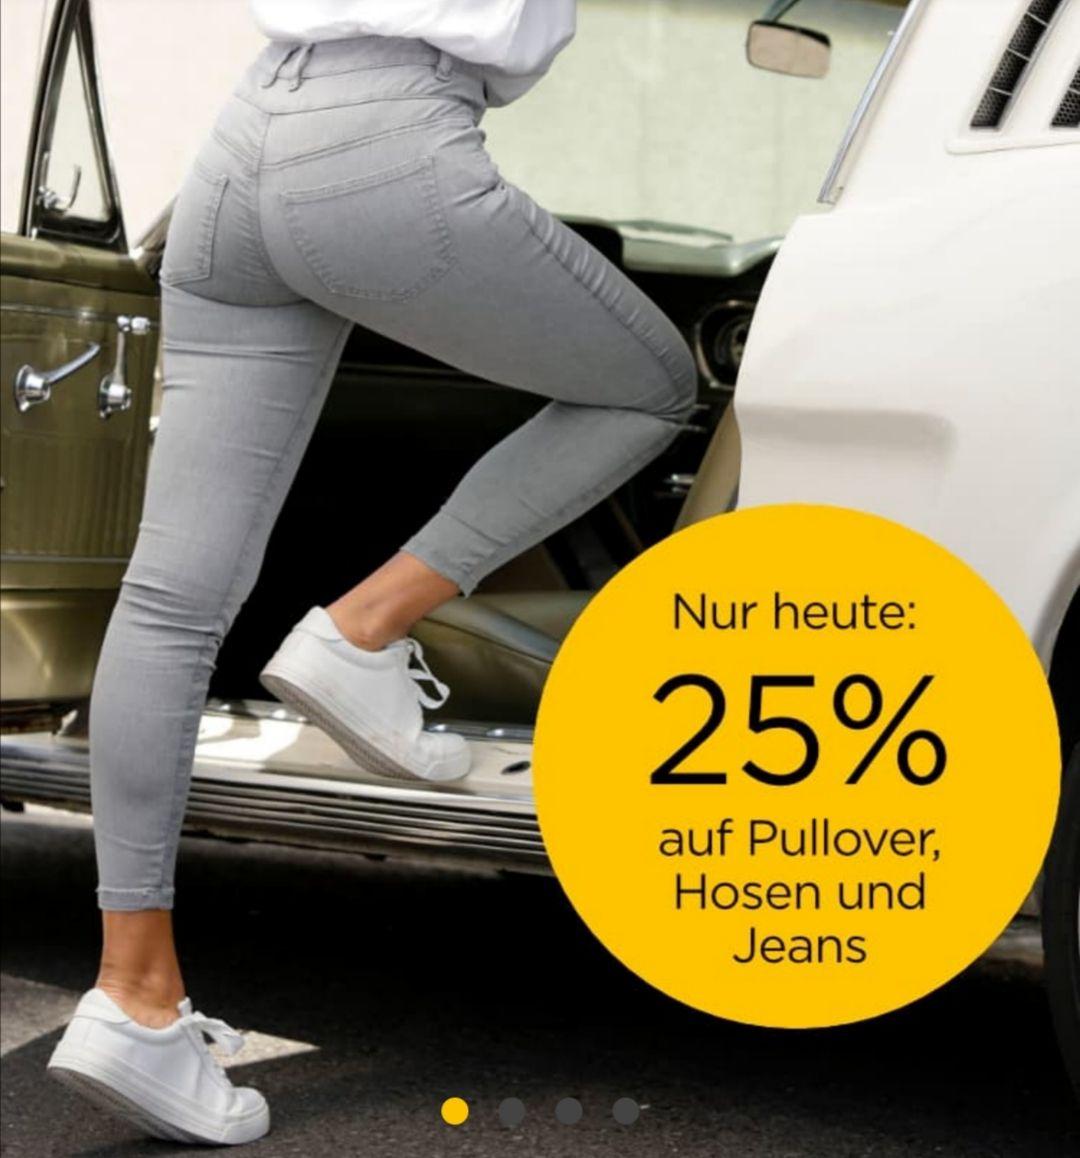 25 Prozent Rabatt auf Hosen, Pullover und Jens